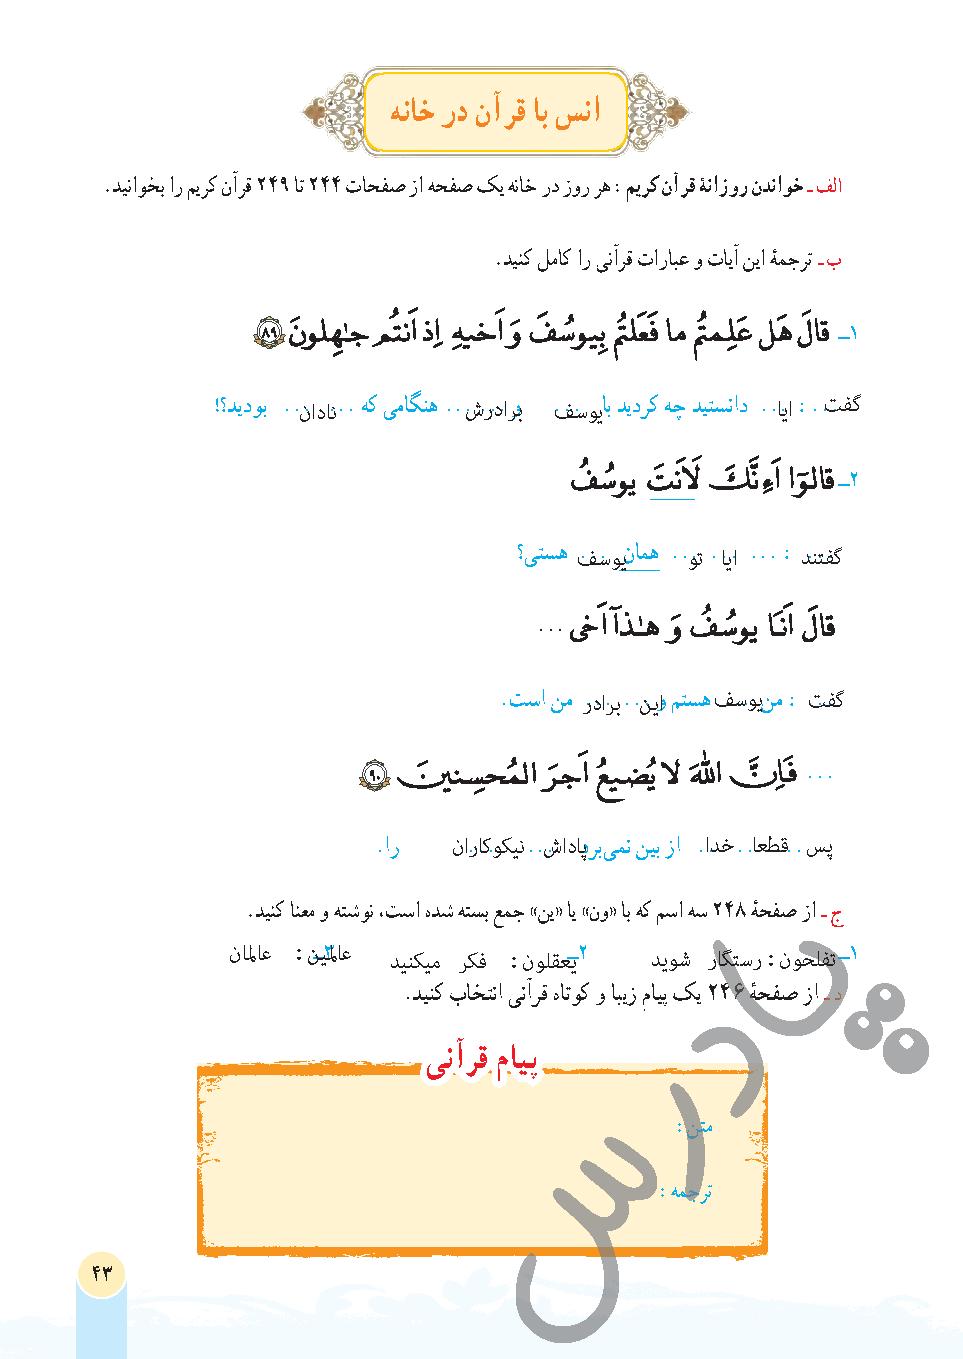 جواب انس با قرآن  درس 4 قرآن هفتم - جلسه اول